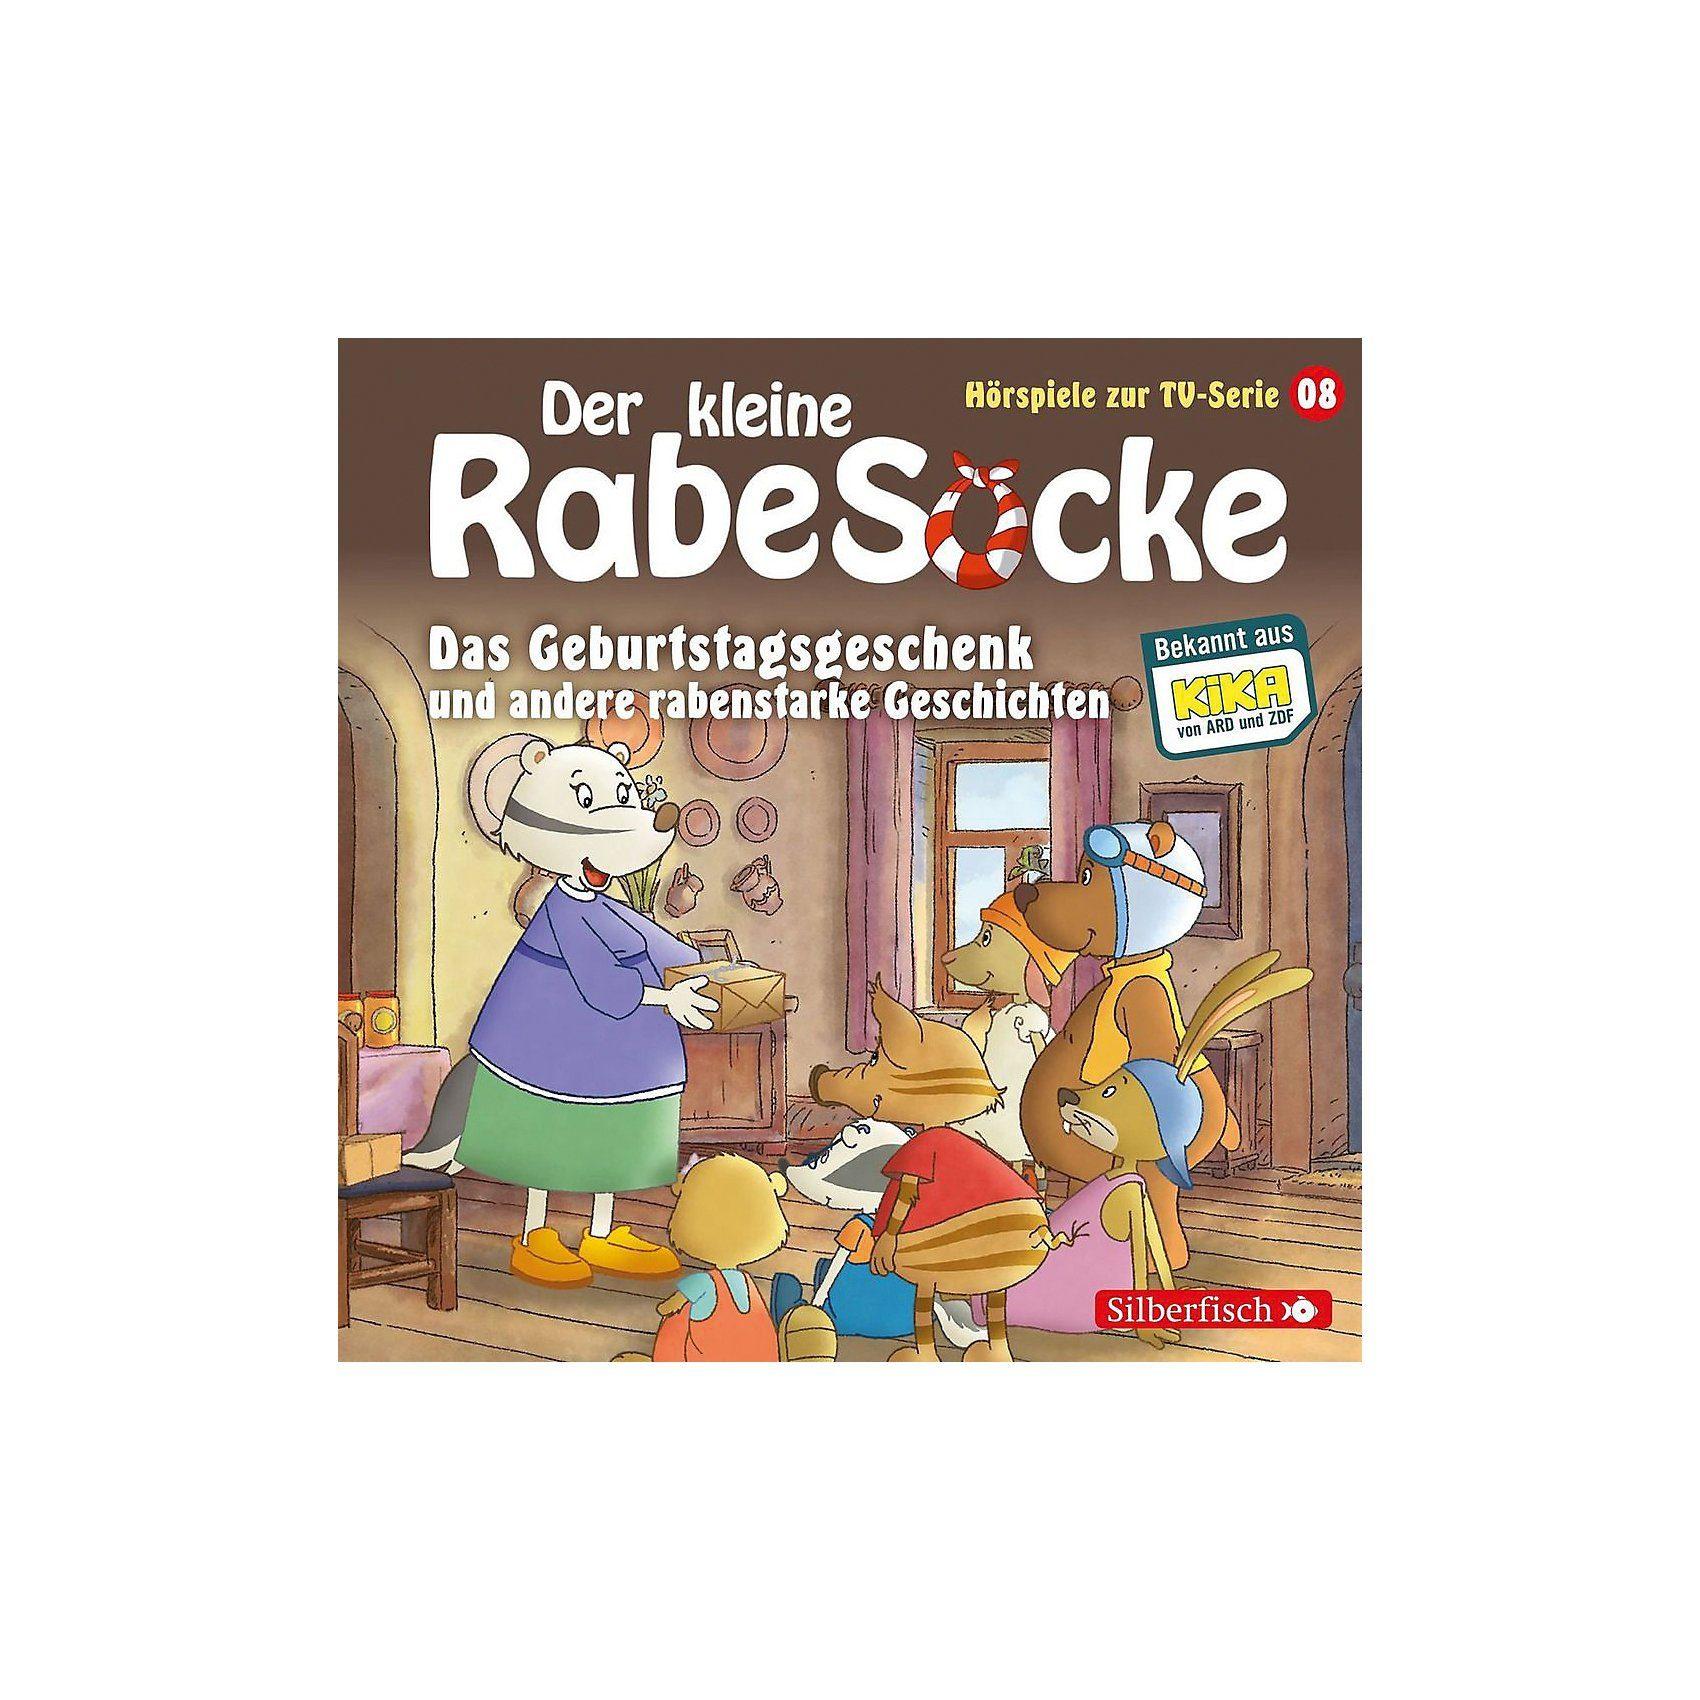 Universal CD Der Kleine Rabe Socke 08: Geburtstagsgeschenk